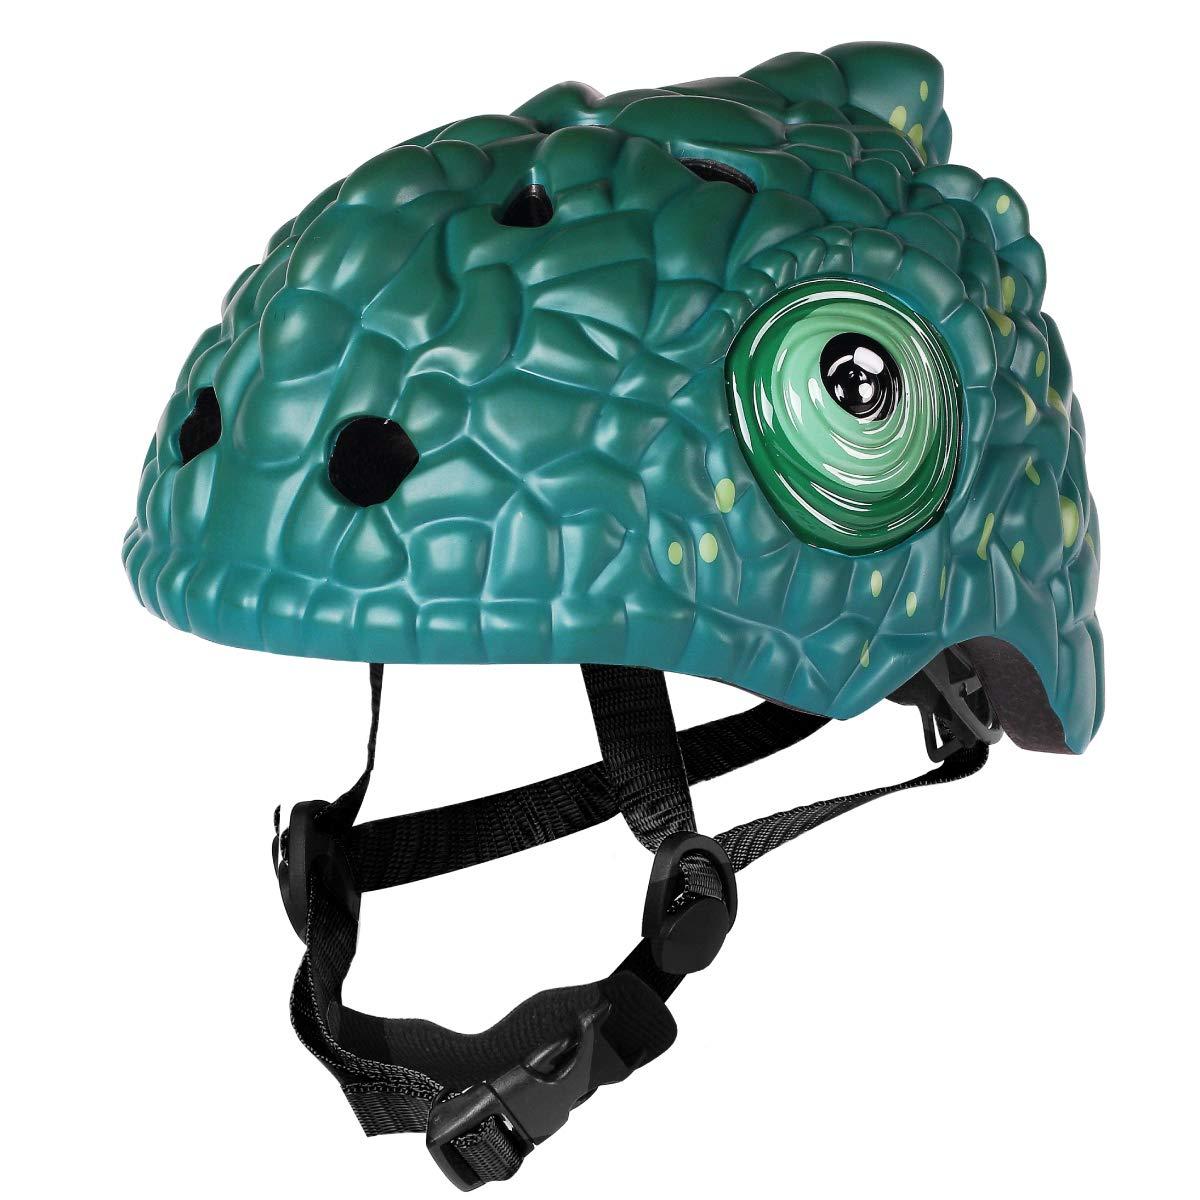 M Merkapa Kids Bike Helmet Adjustable 3D Shark Bicycle Helmets for Toddler and Youth (Chameleon)